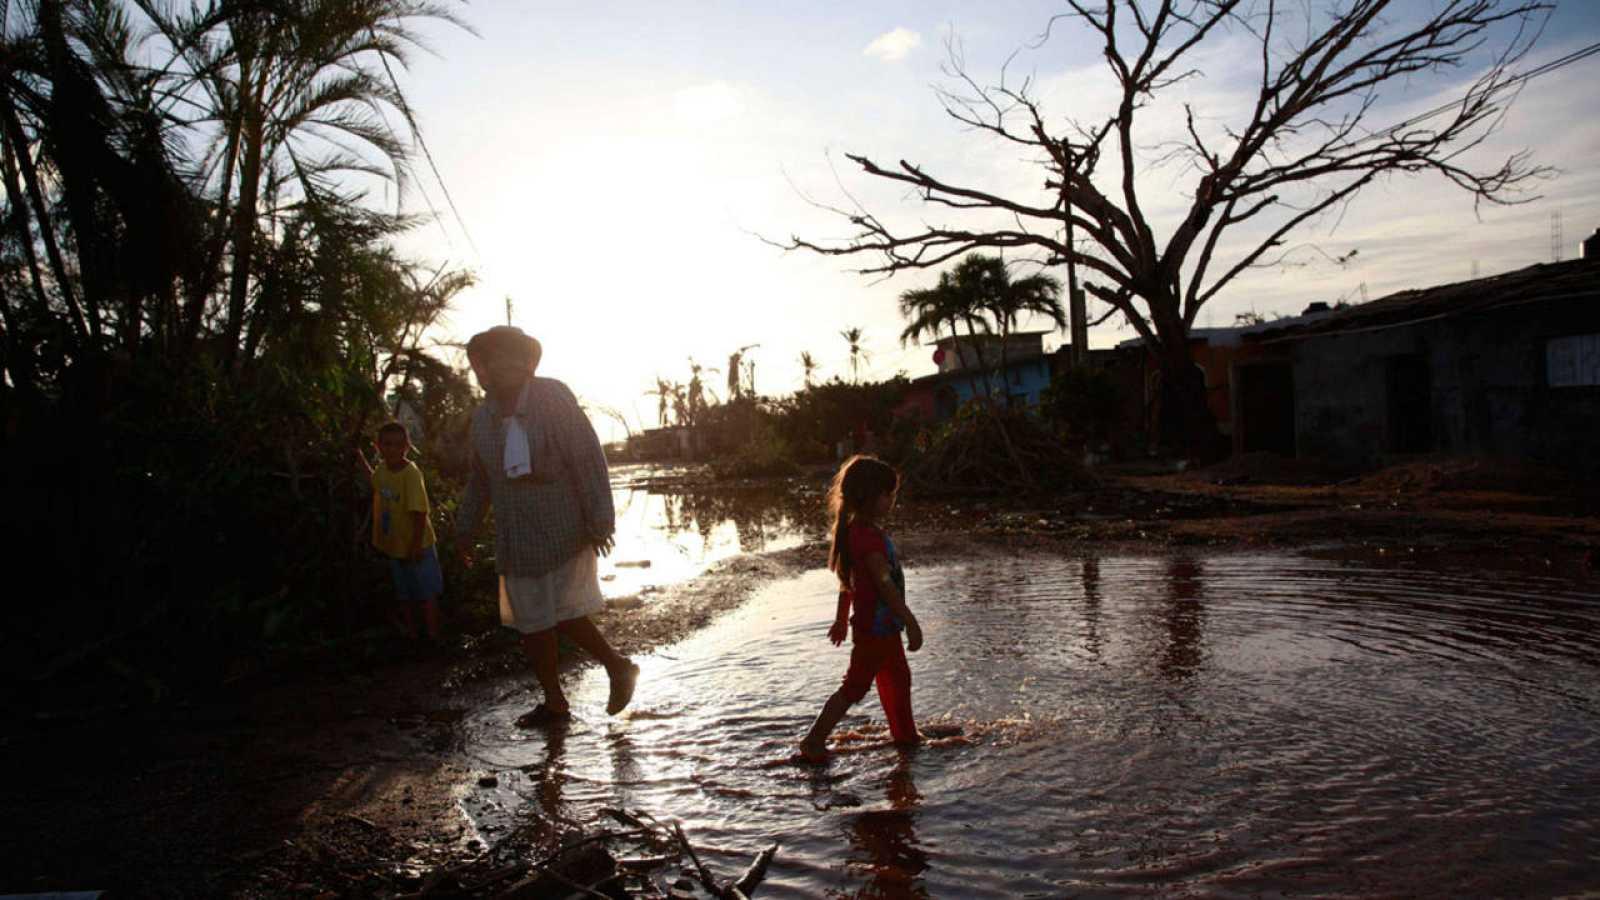 Una familia de la comunidad Emiliano Zapata recorre una calle tras el paso del huracán Patricia en el municipio de la Huerta, en el estado de Jalisco (México).